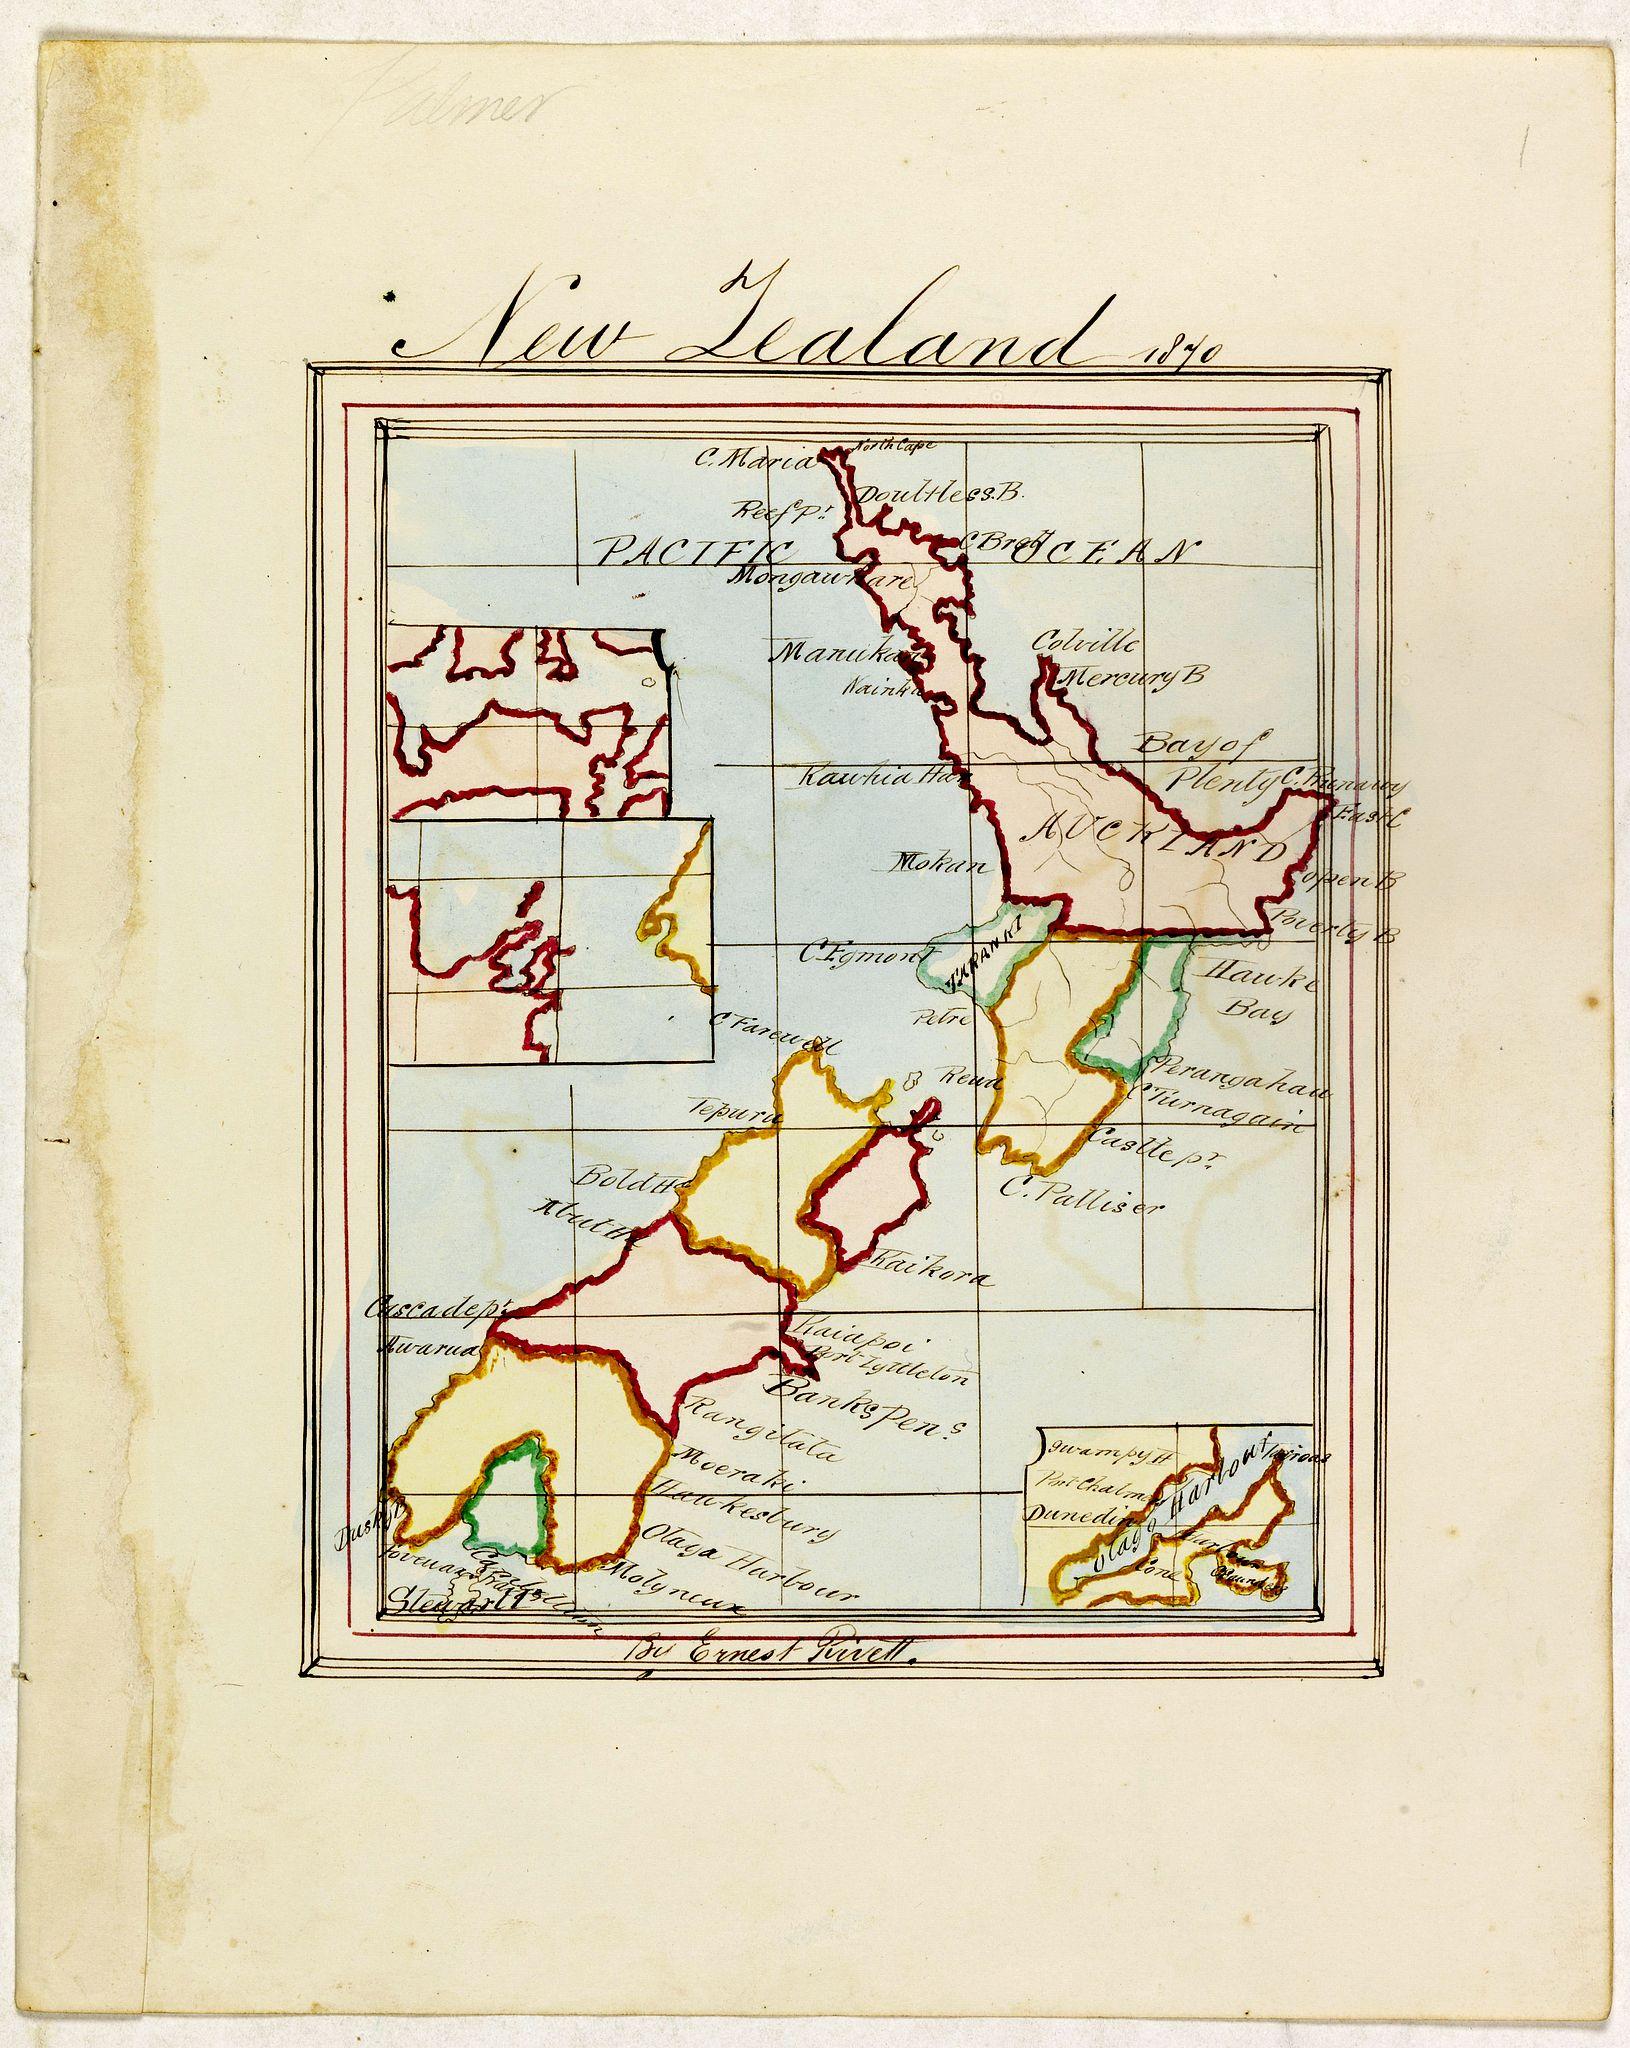 PIVETT, E. -  New Zealand 1870